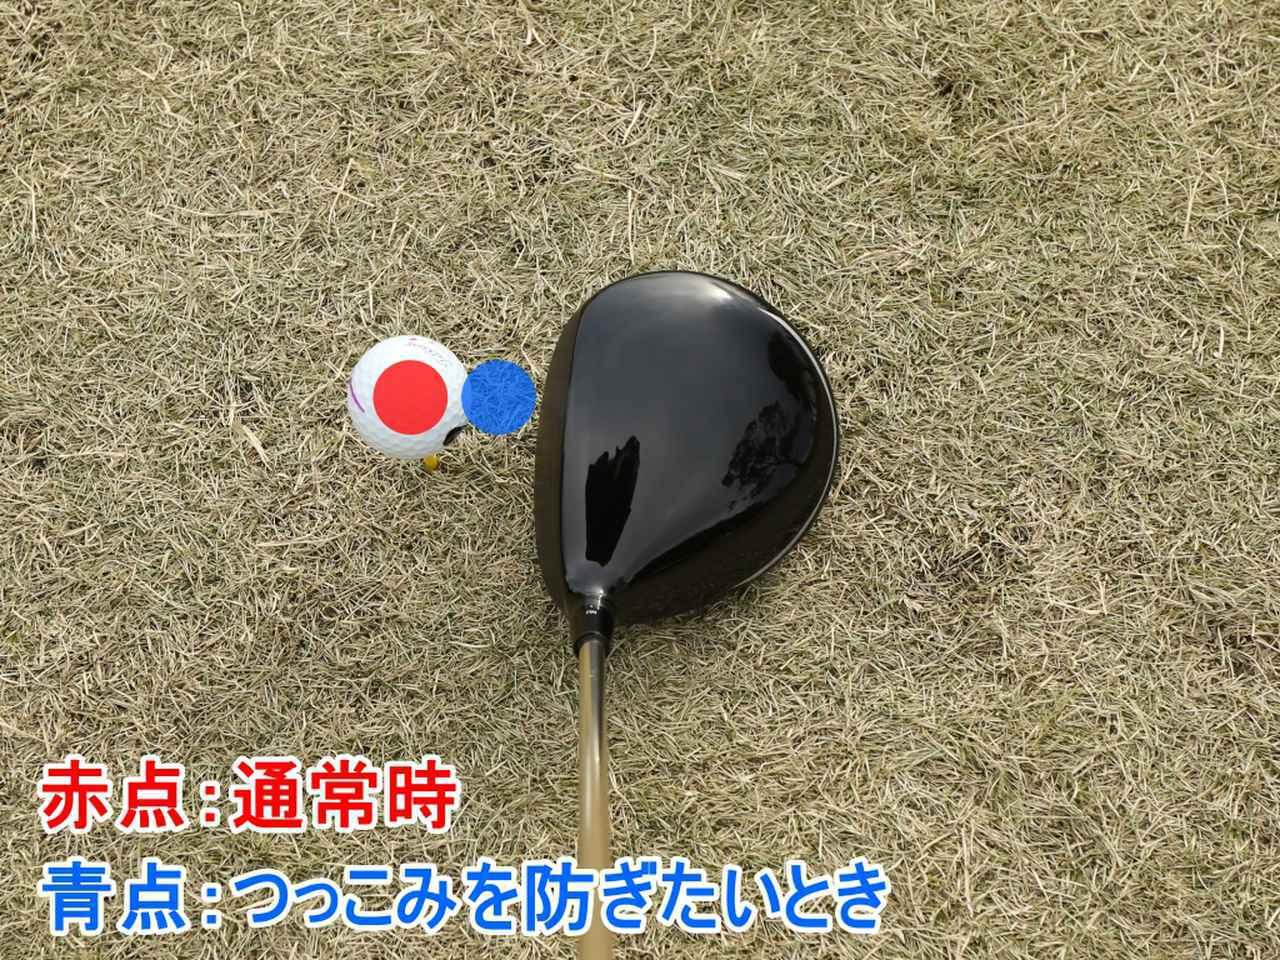 画像: 目線は画像の赤点が基準。ただし、つっこみすぎを防ぎたいときはボールの右側(青点)へ目線をズラして振りましょうと小澤